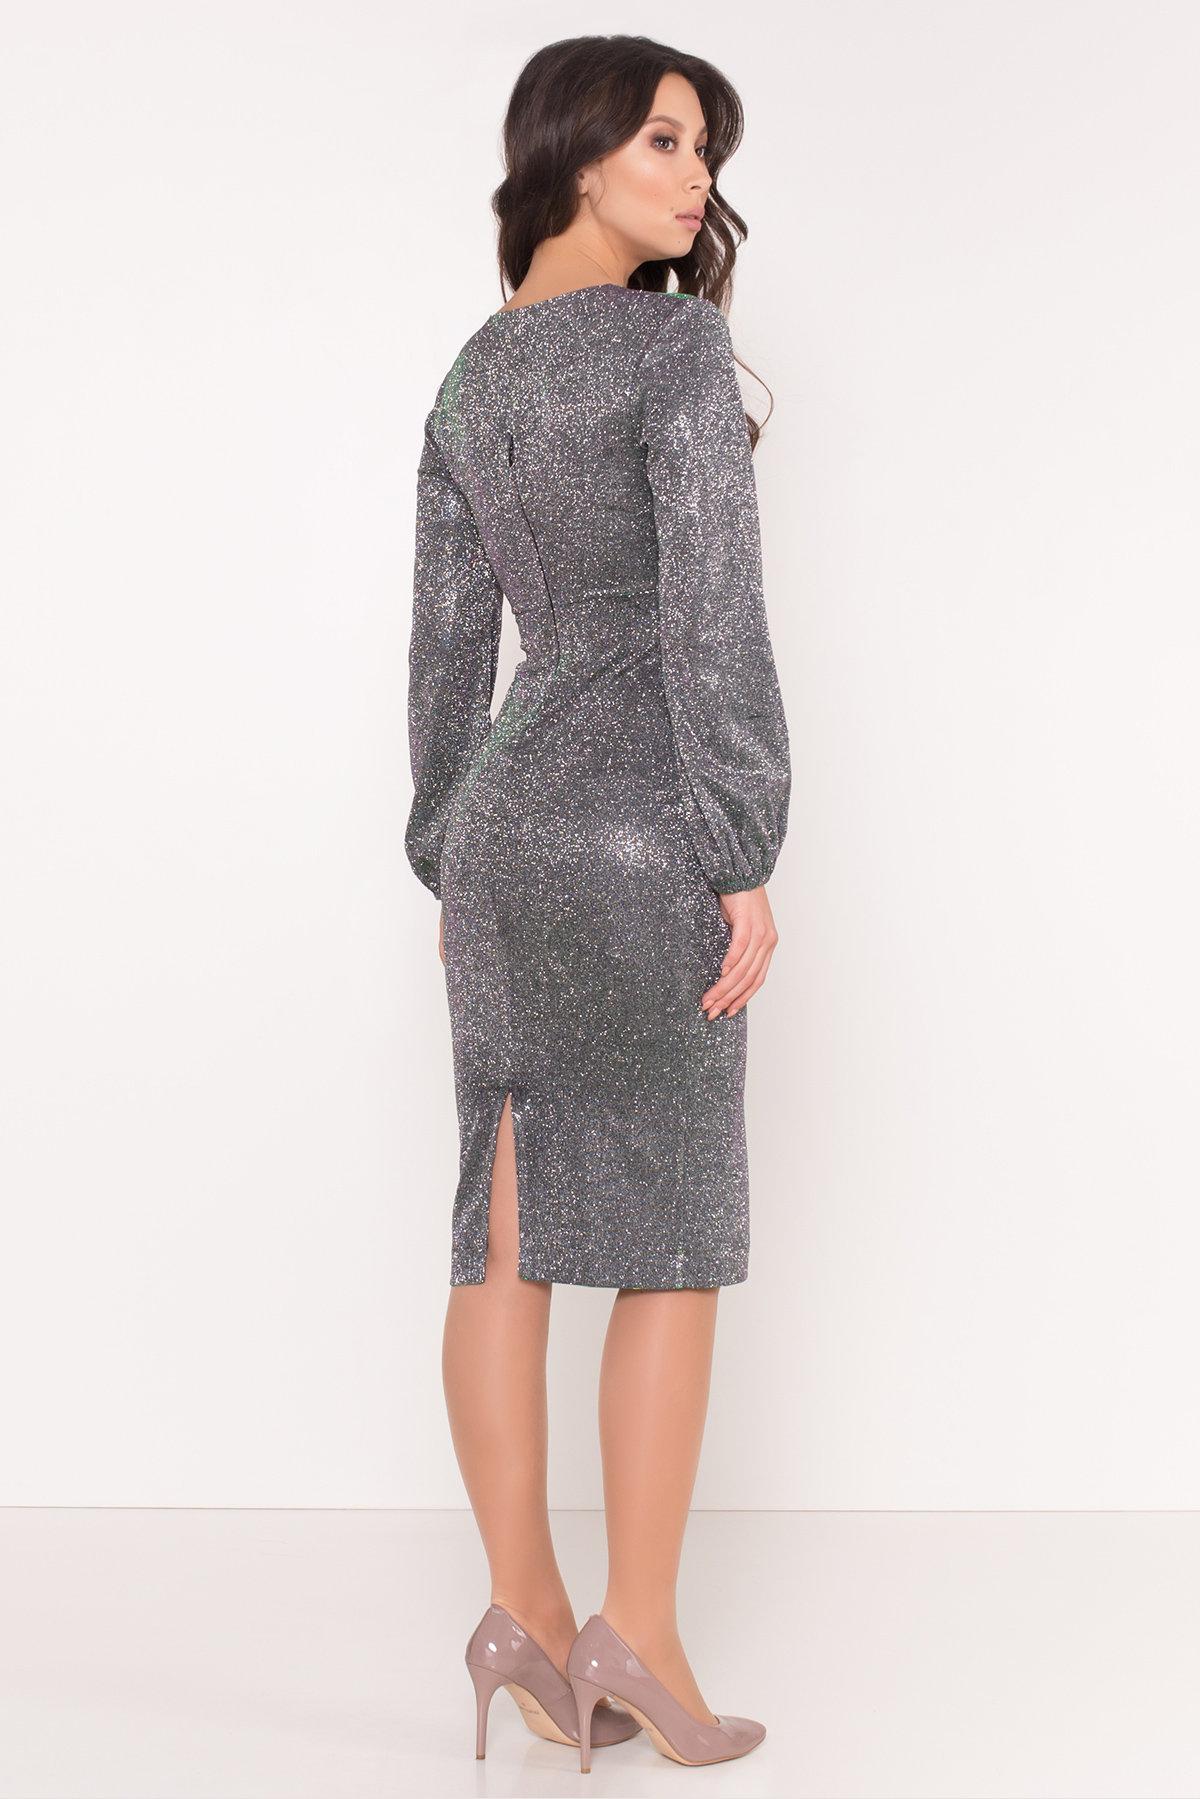 Нарядное платье с люрексом Фаселис 8527 АРТ. 44893 Цвет: Серебро/изумруд/розовый - фото 4, интернет магазин tm-modus.ru